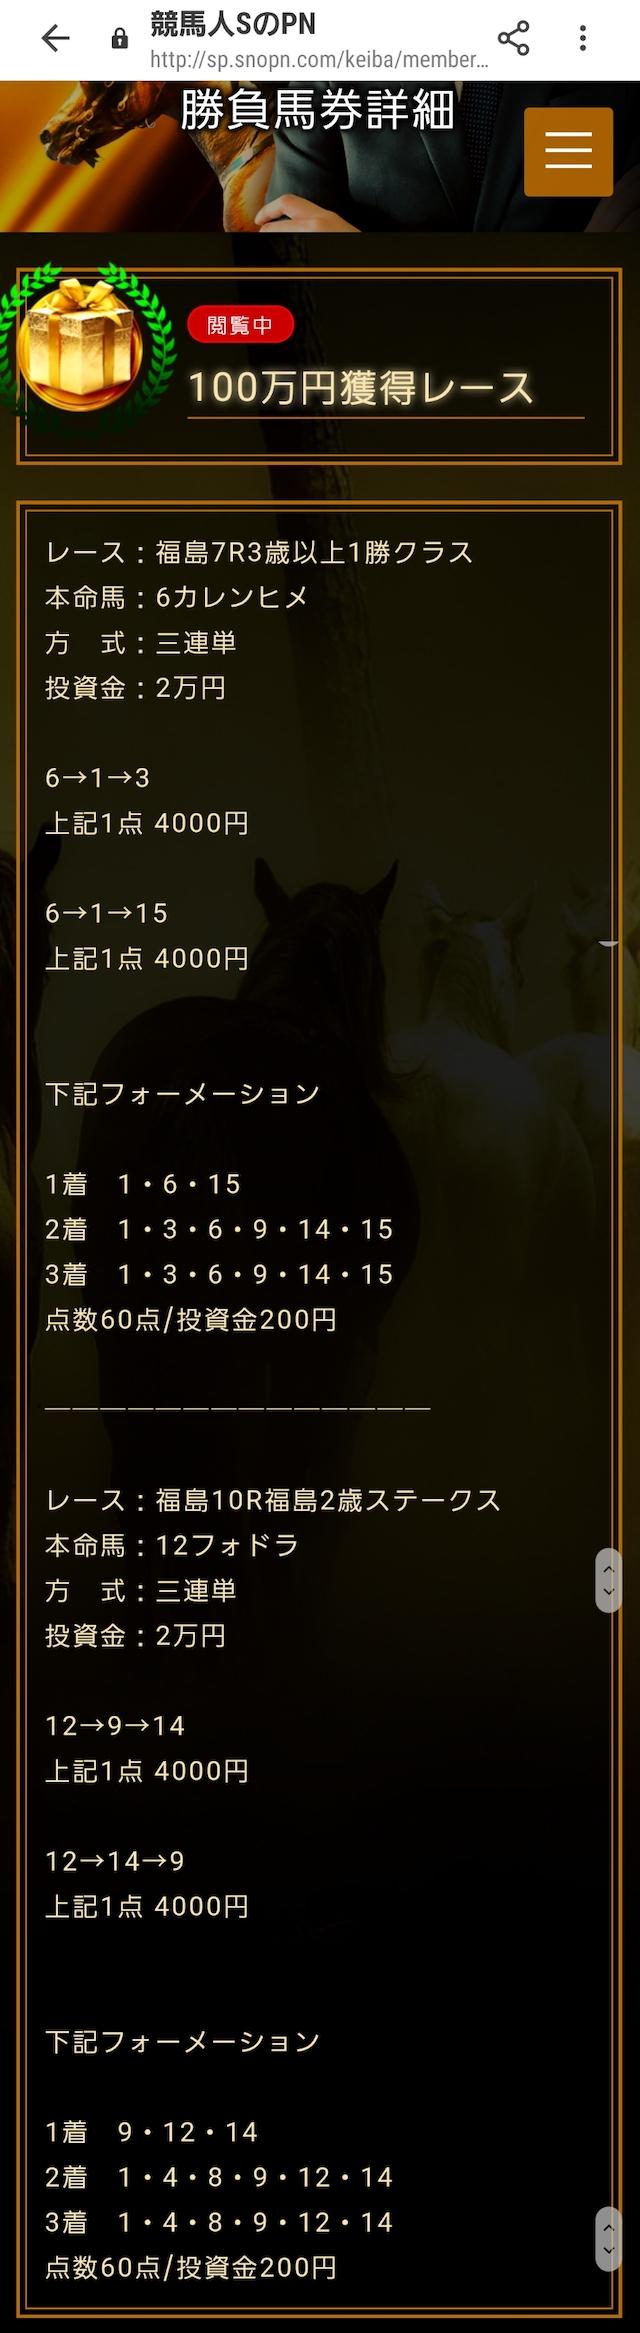 競馬人SのPN 100万円獲得情報画像